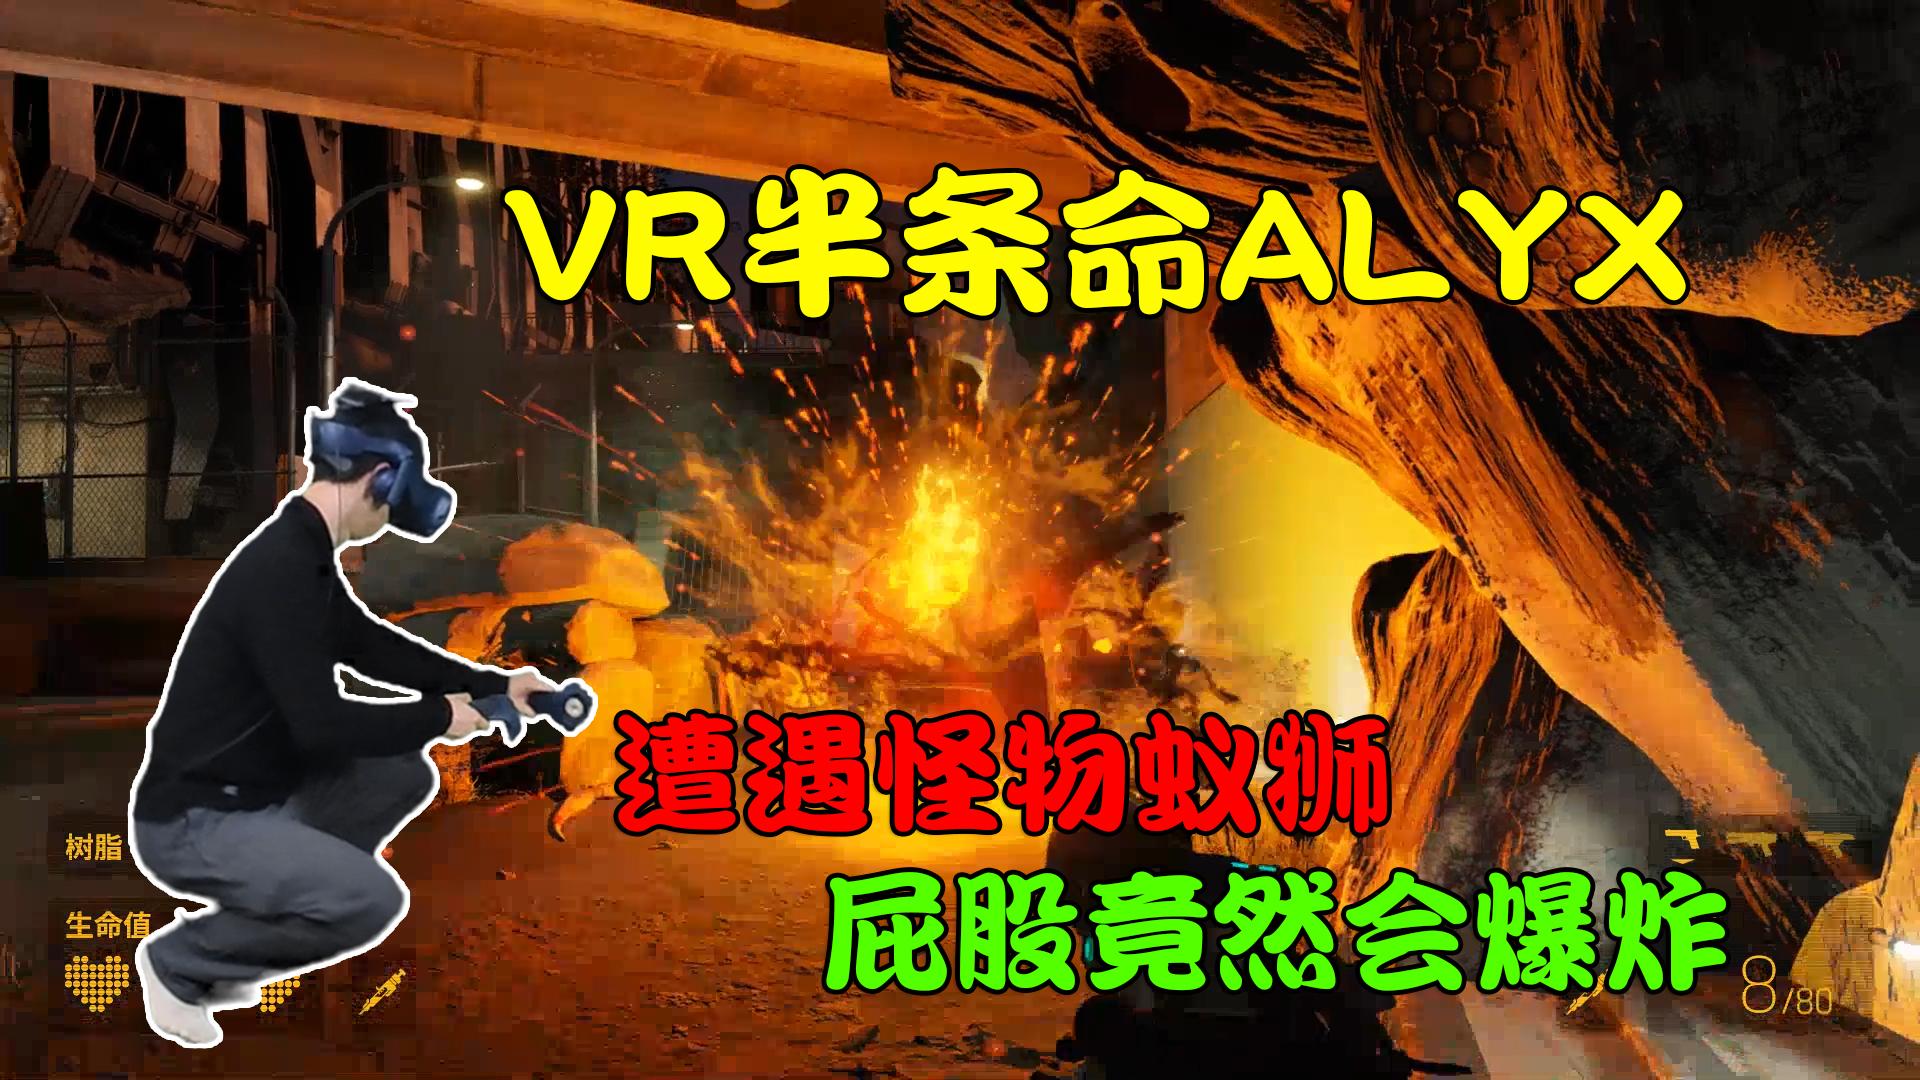 VR半条命alyx:遭遇屁股会爆炸的蚁狮,发现金库真相